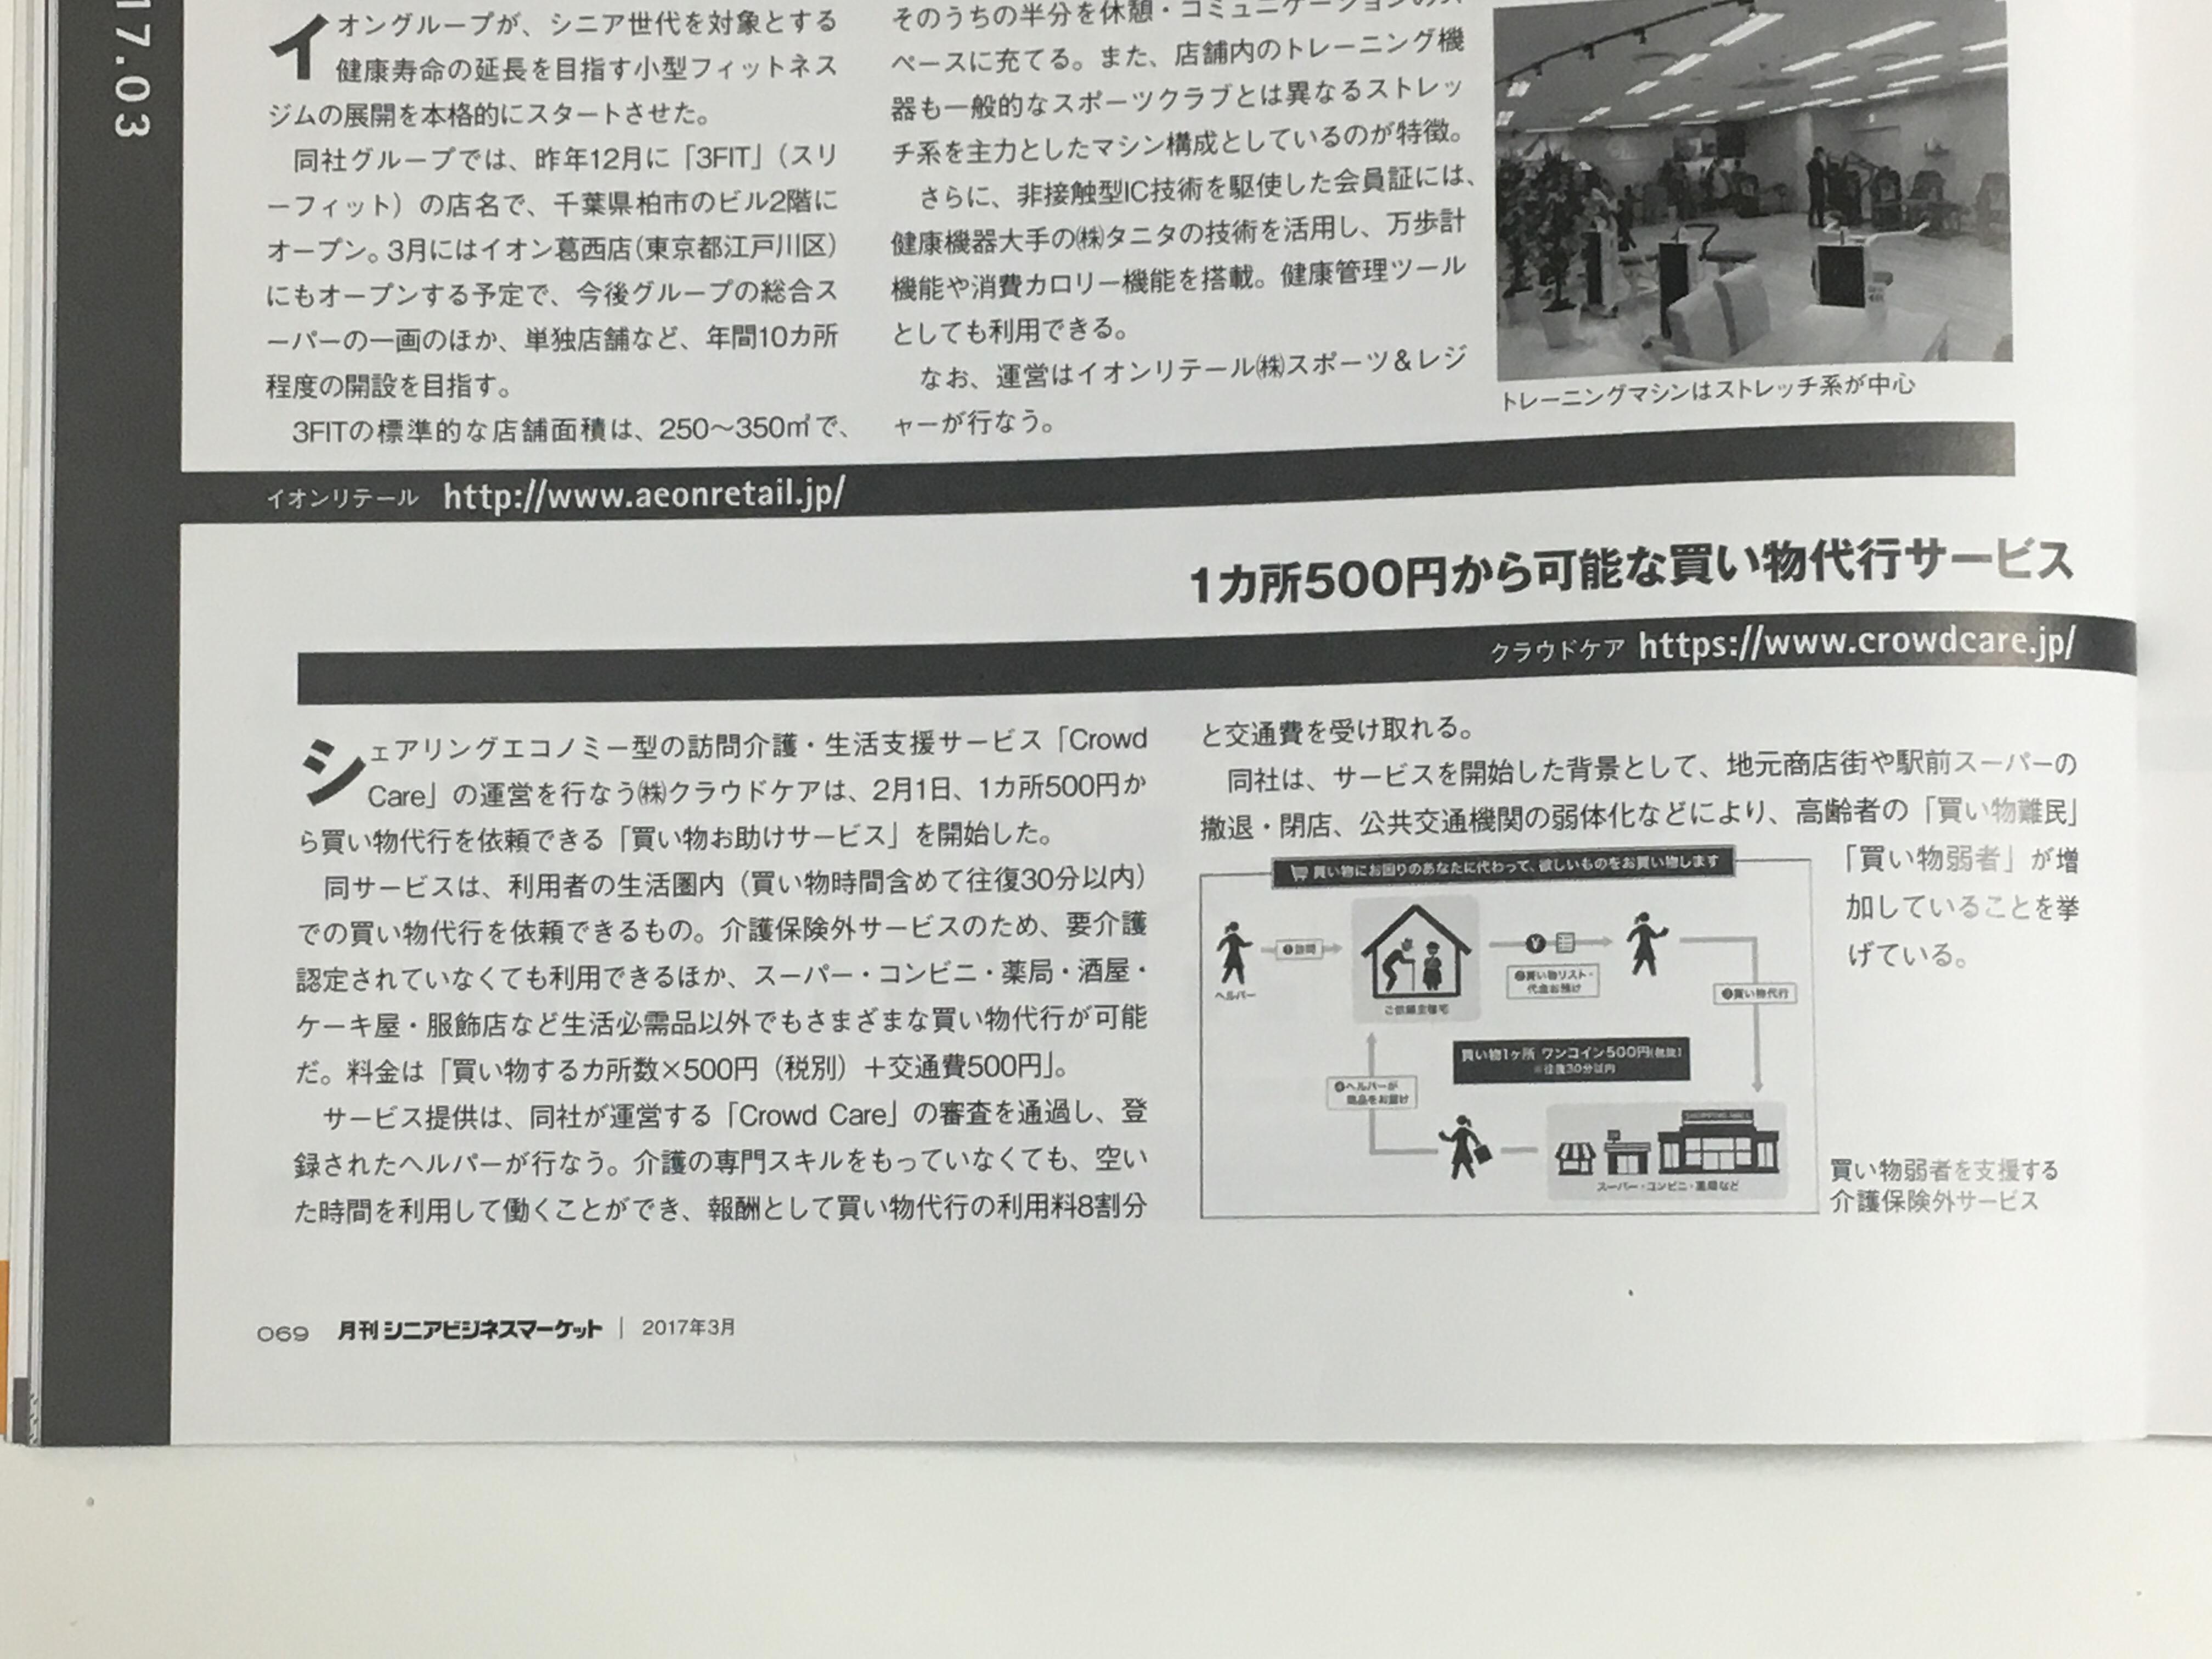 月刊シニアビジネスマーケット2017年3月号